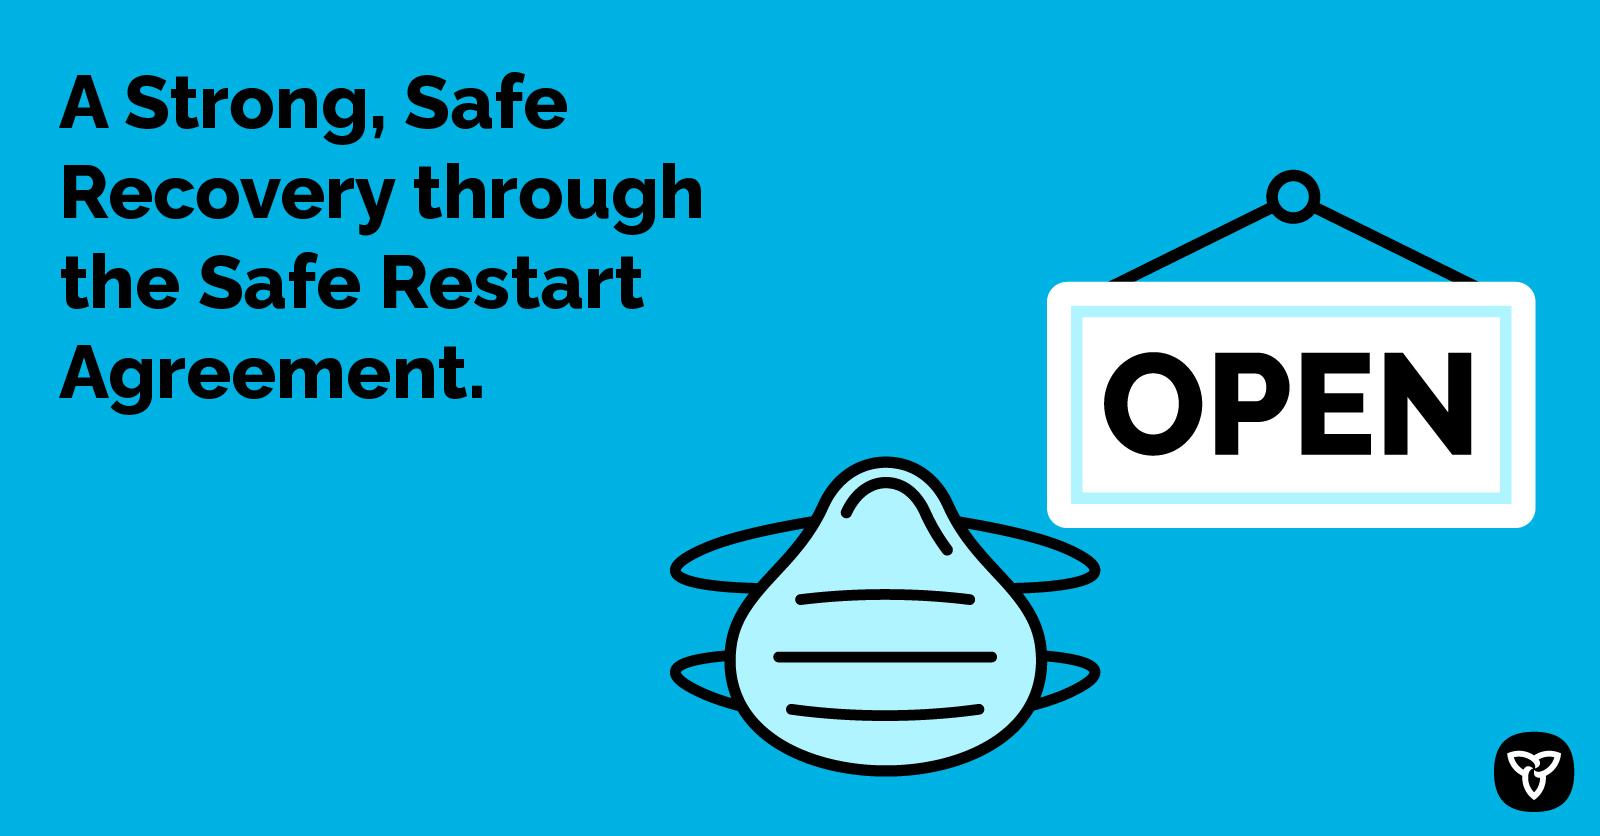 safe restart agreement image